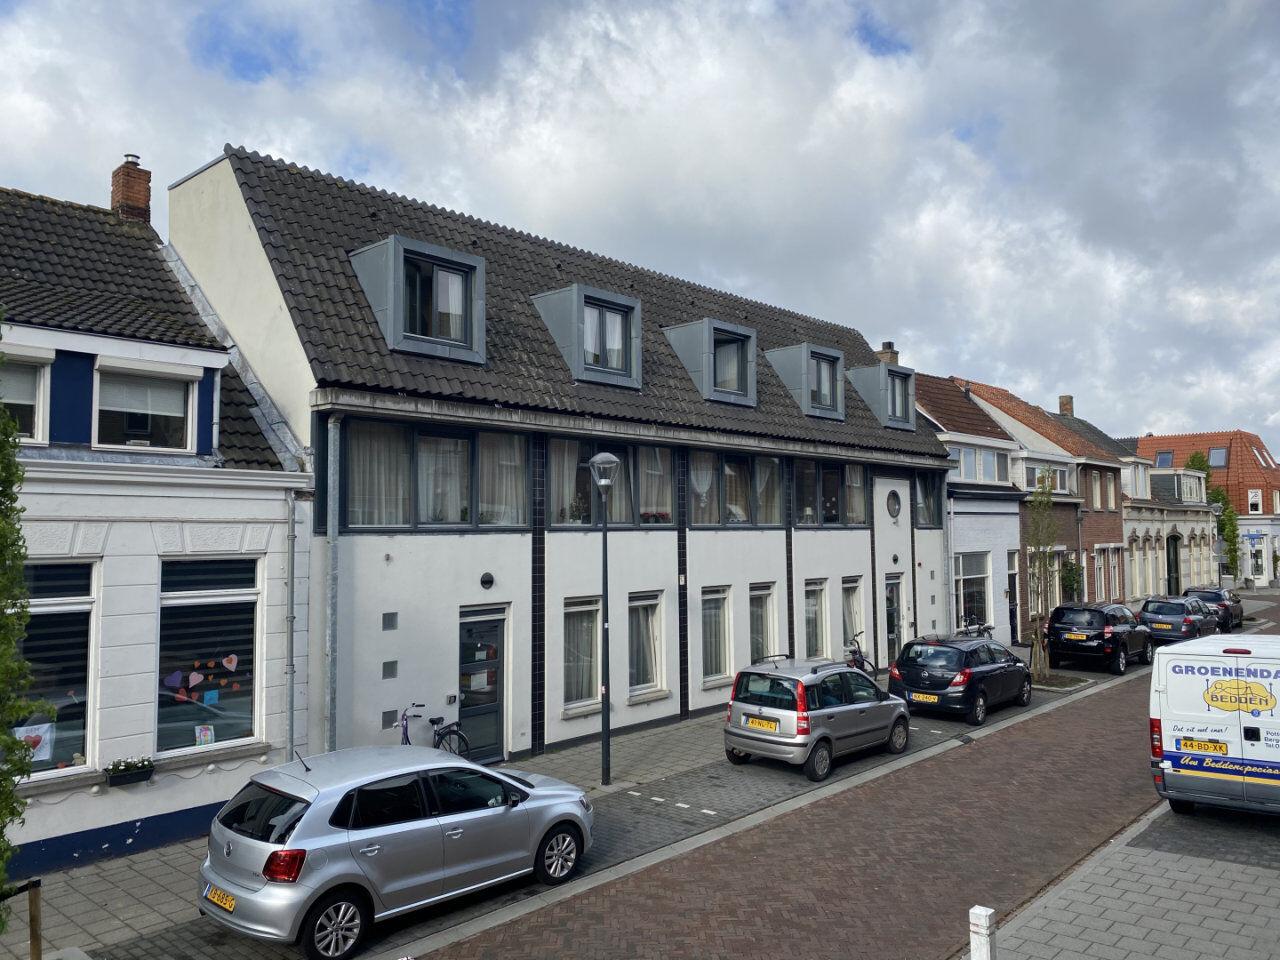 b841-koepelstraat_83-bergen_op_zoom-3848738858